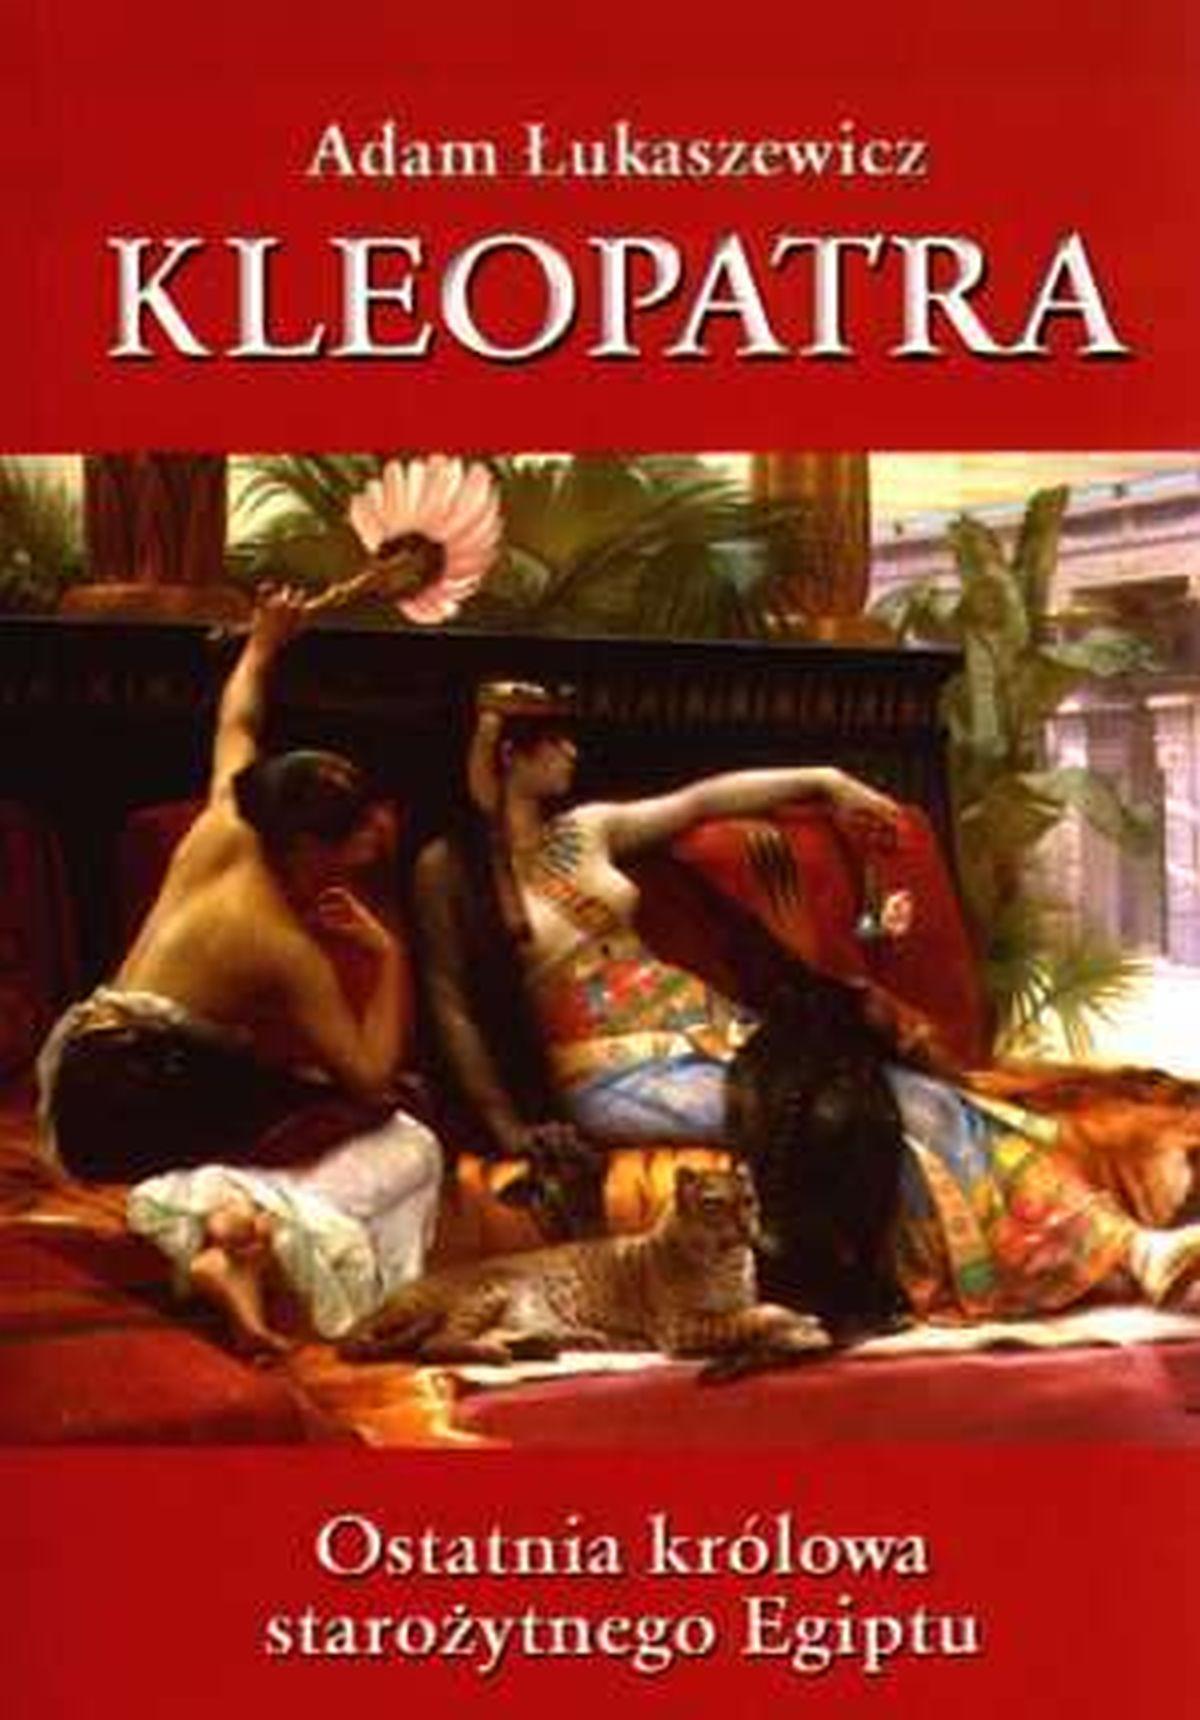 Adam Łukaszewicz, Kleopatra. Ostatnia królowa starożytnego Egiptu